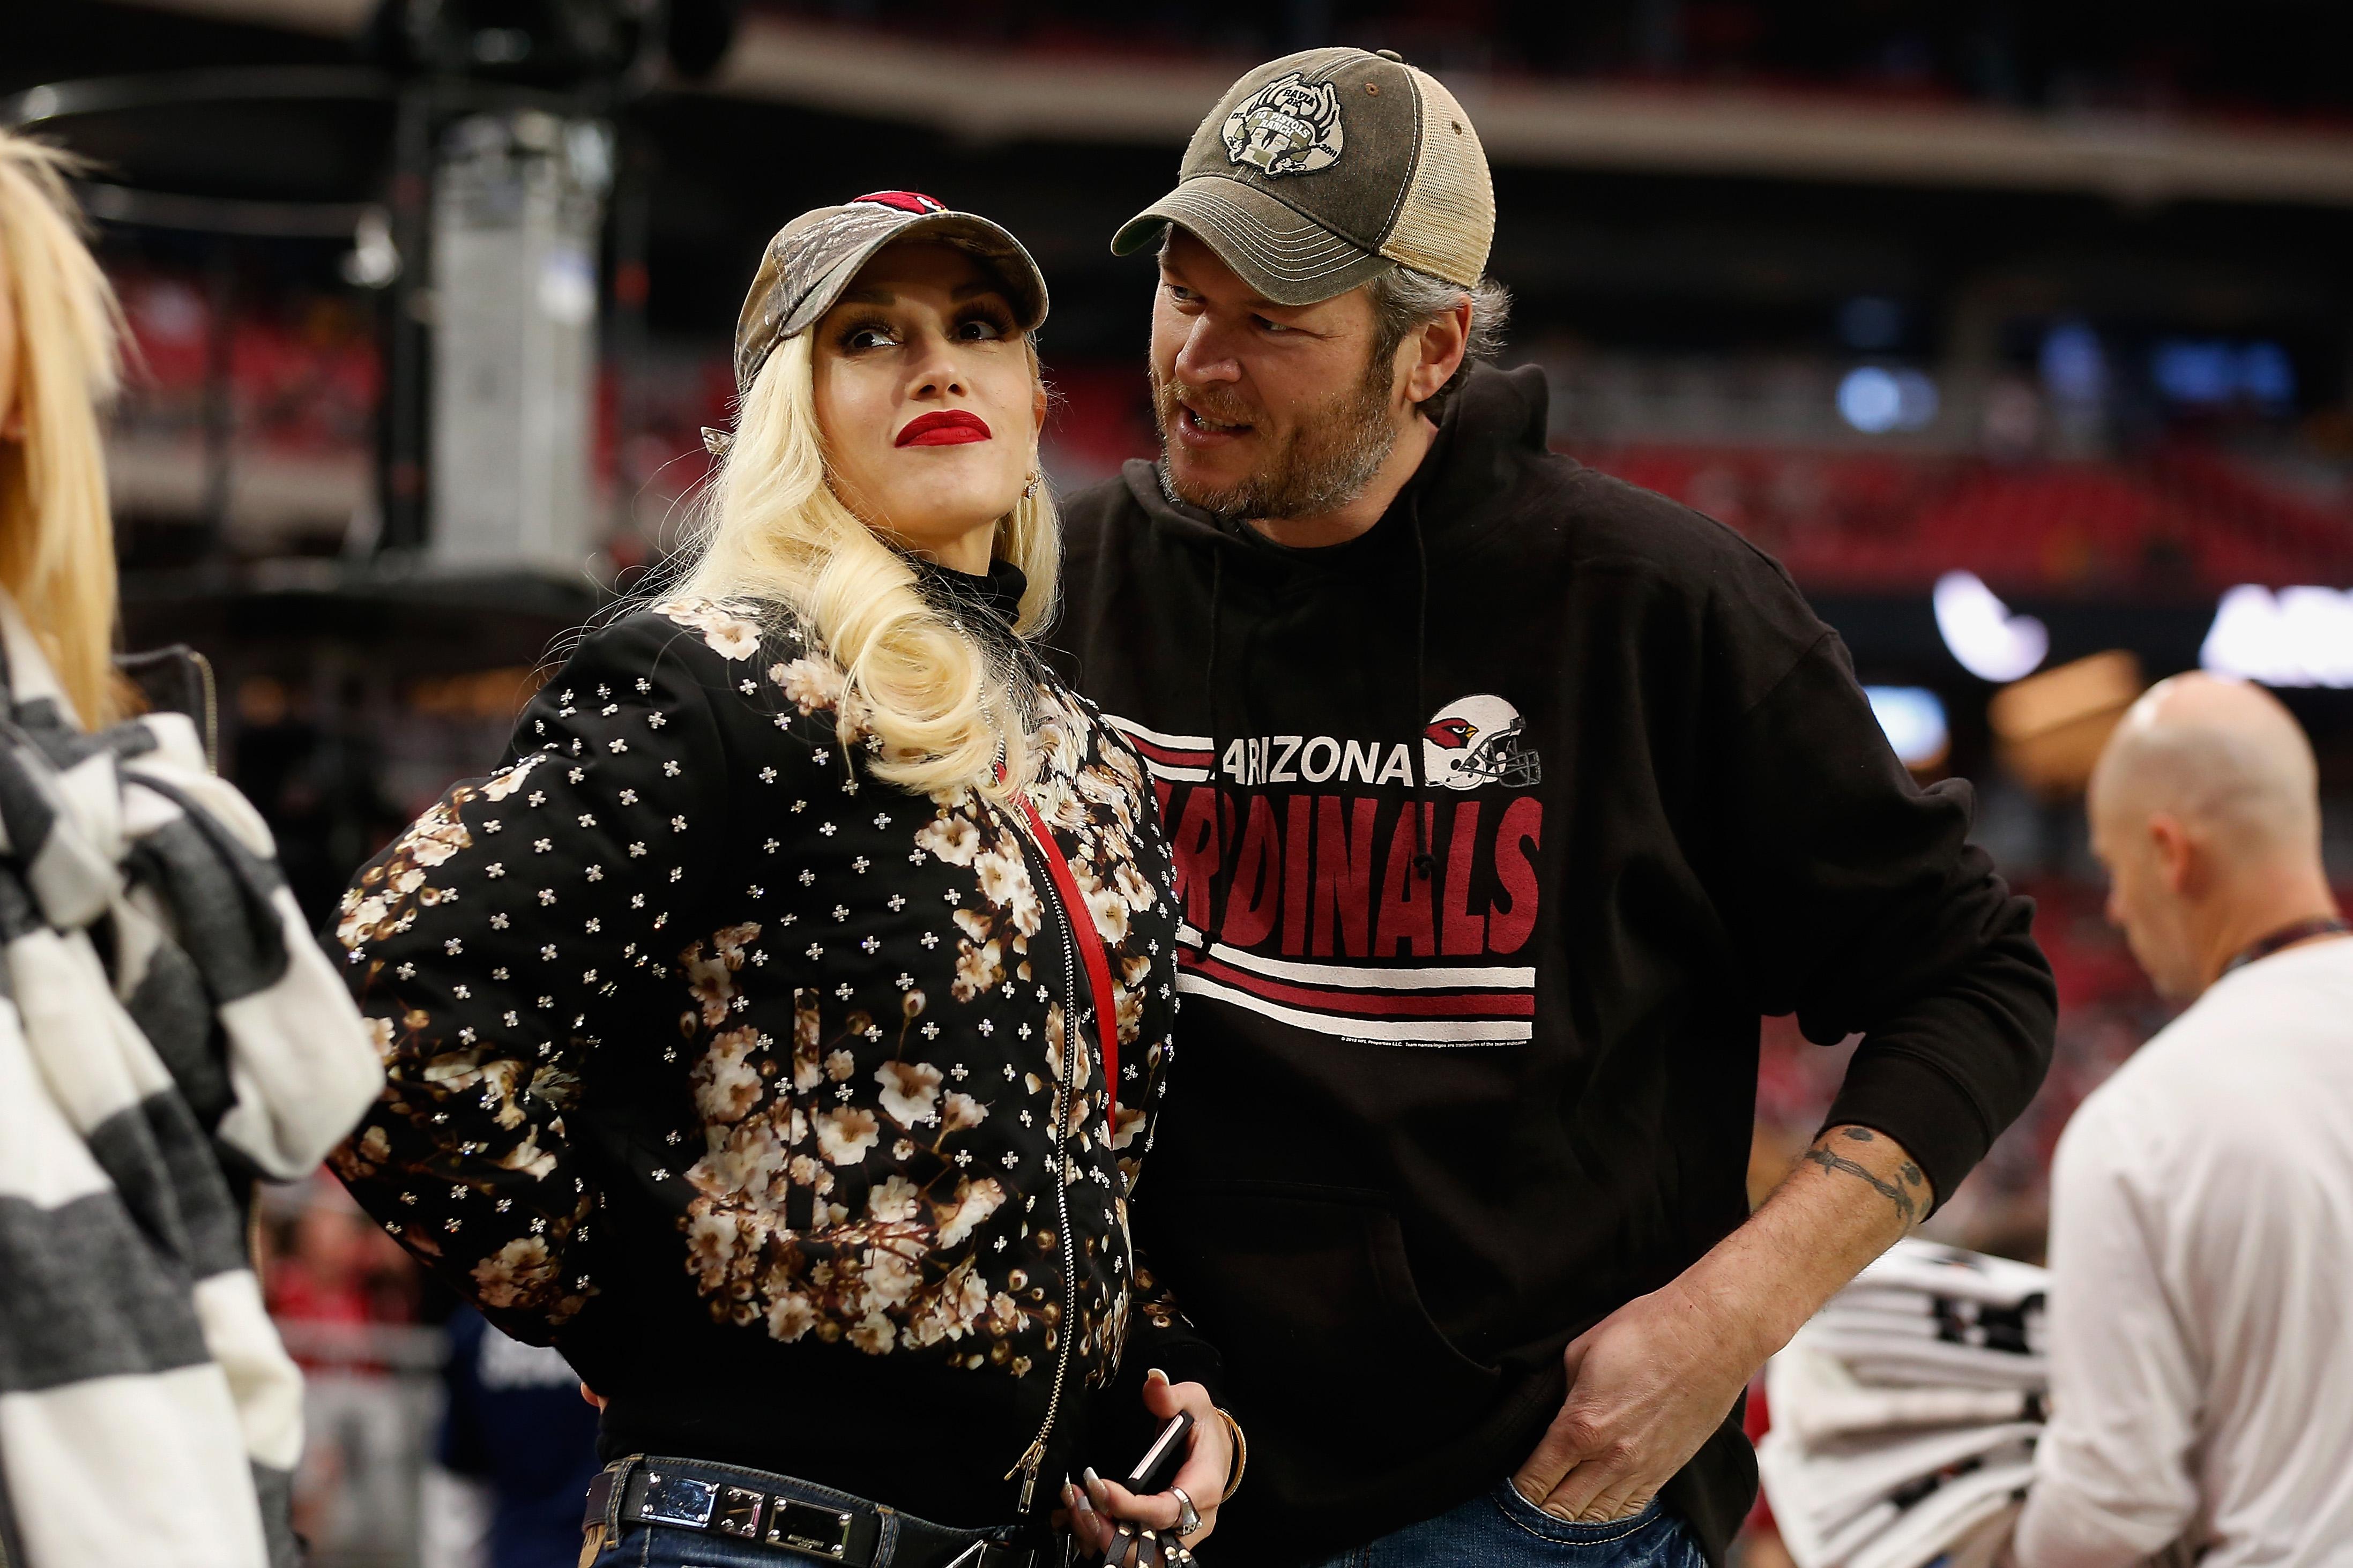 Gwen und blake dating